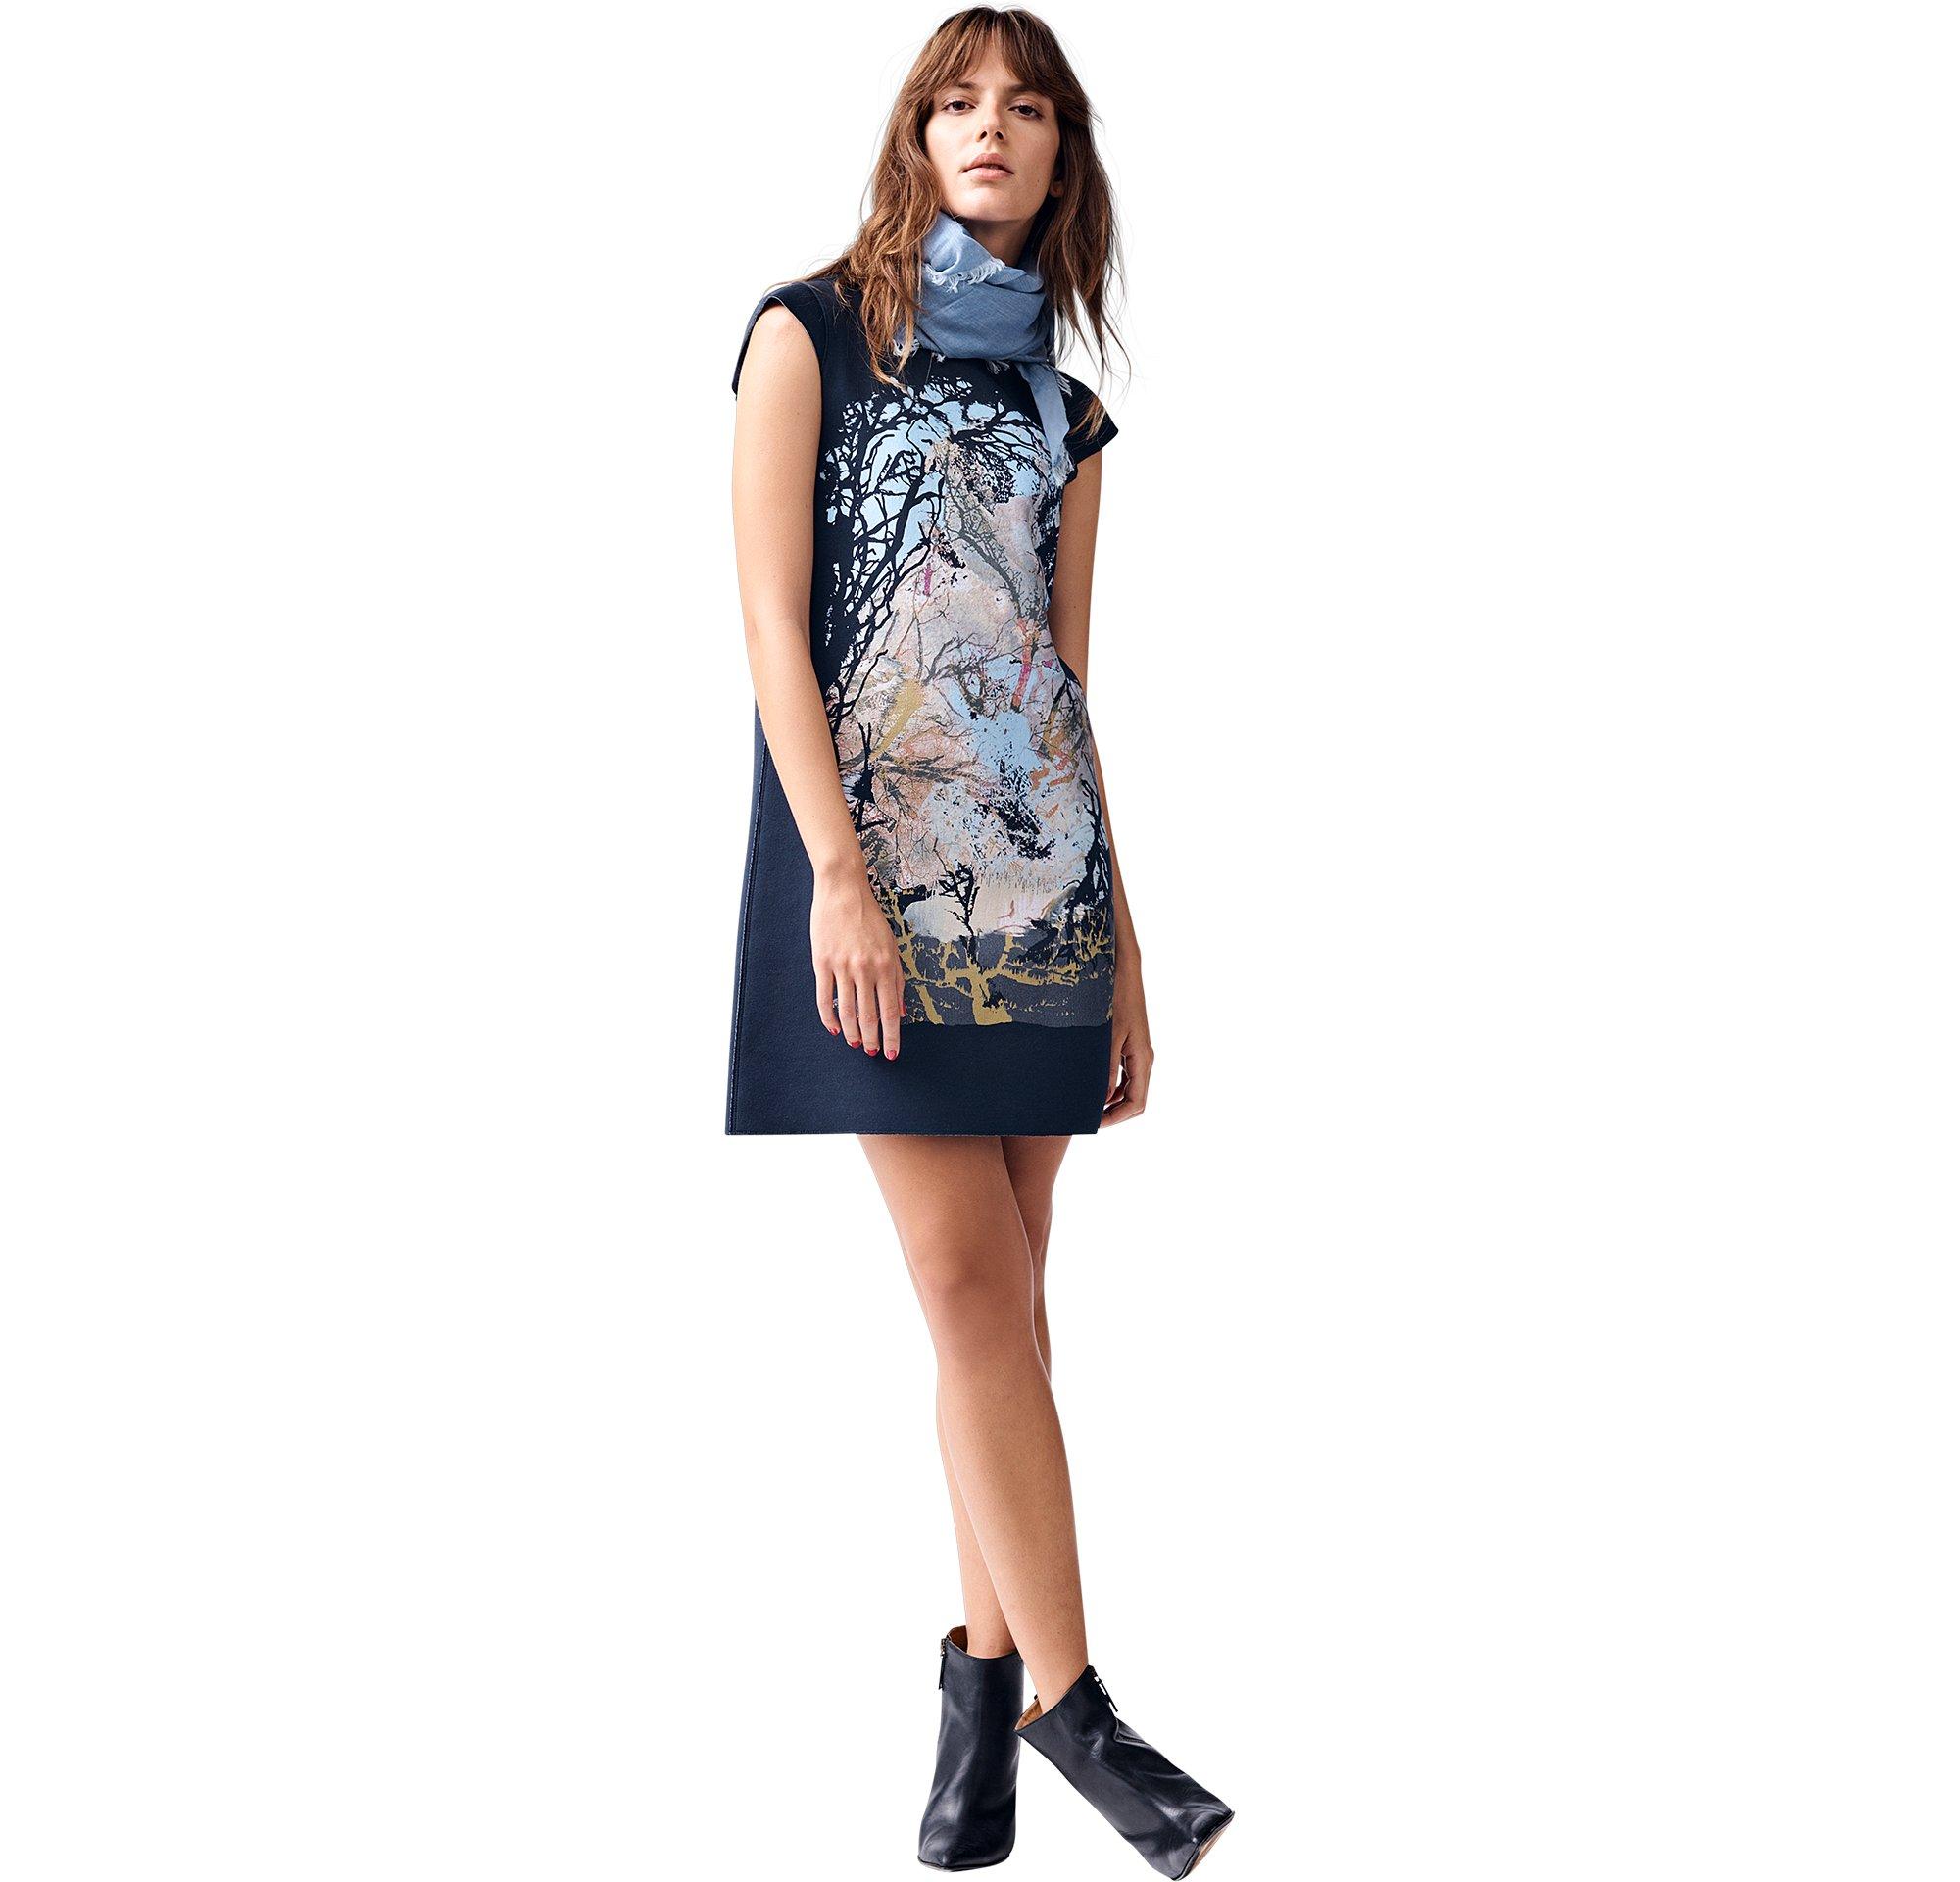 BOSS_ORANGE_Women_PF17_Look_9,